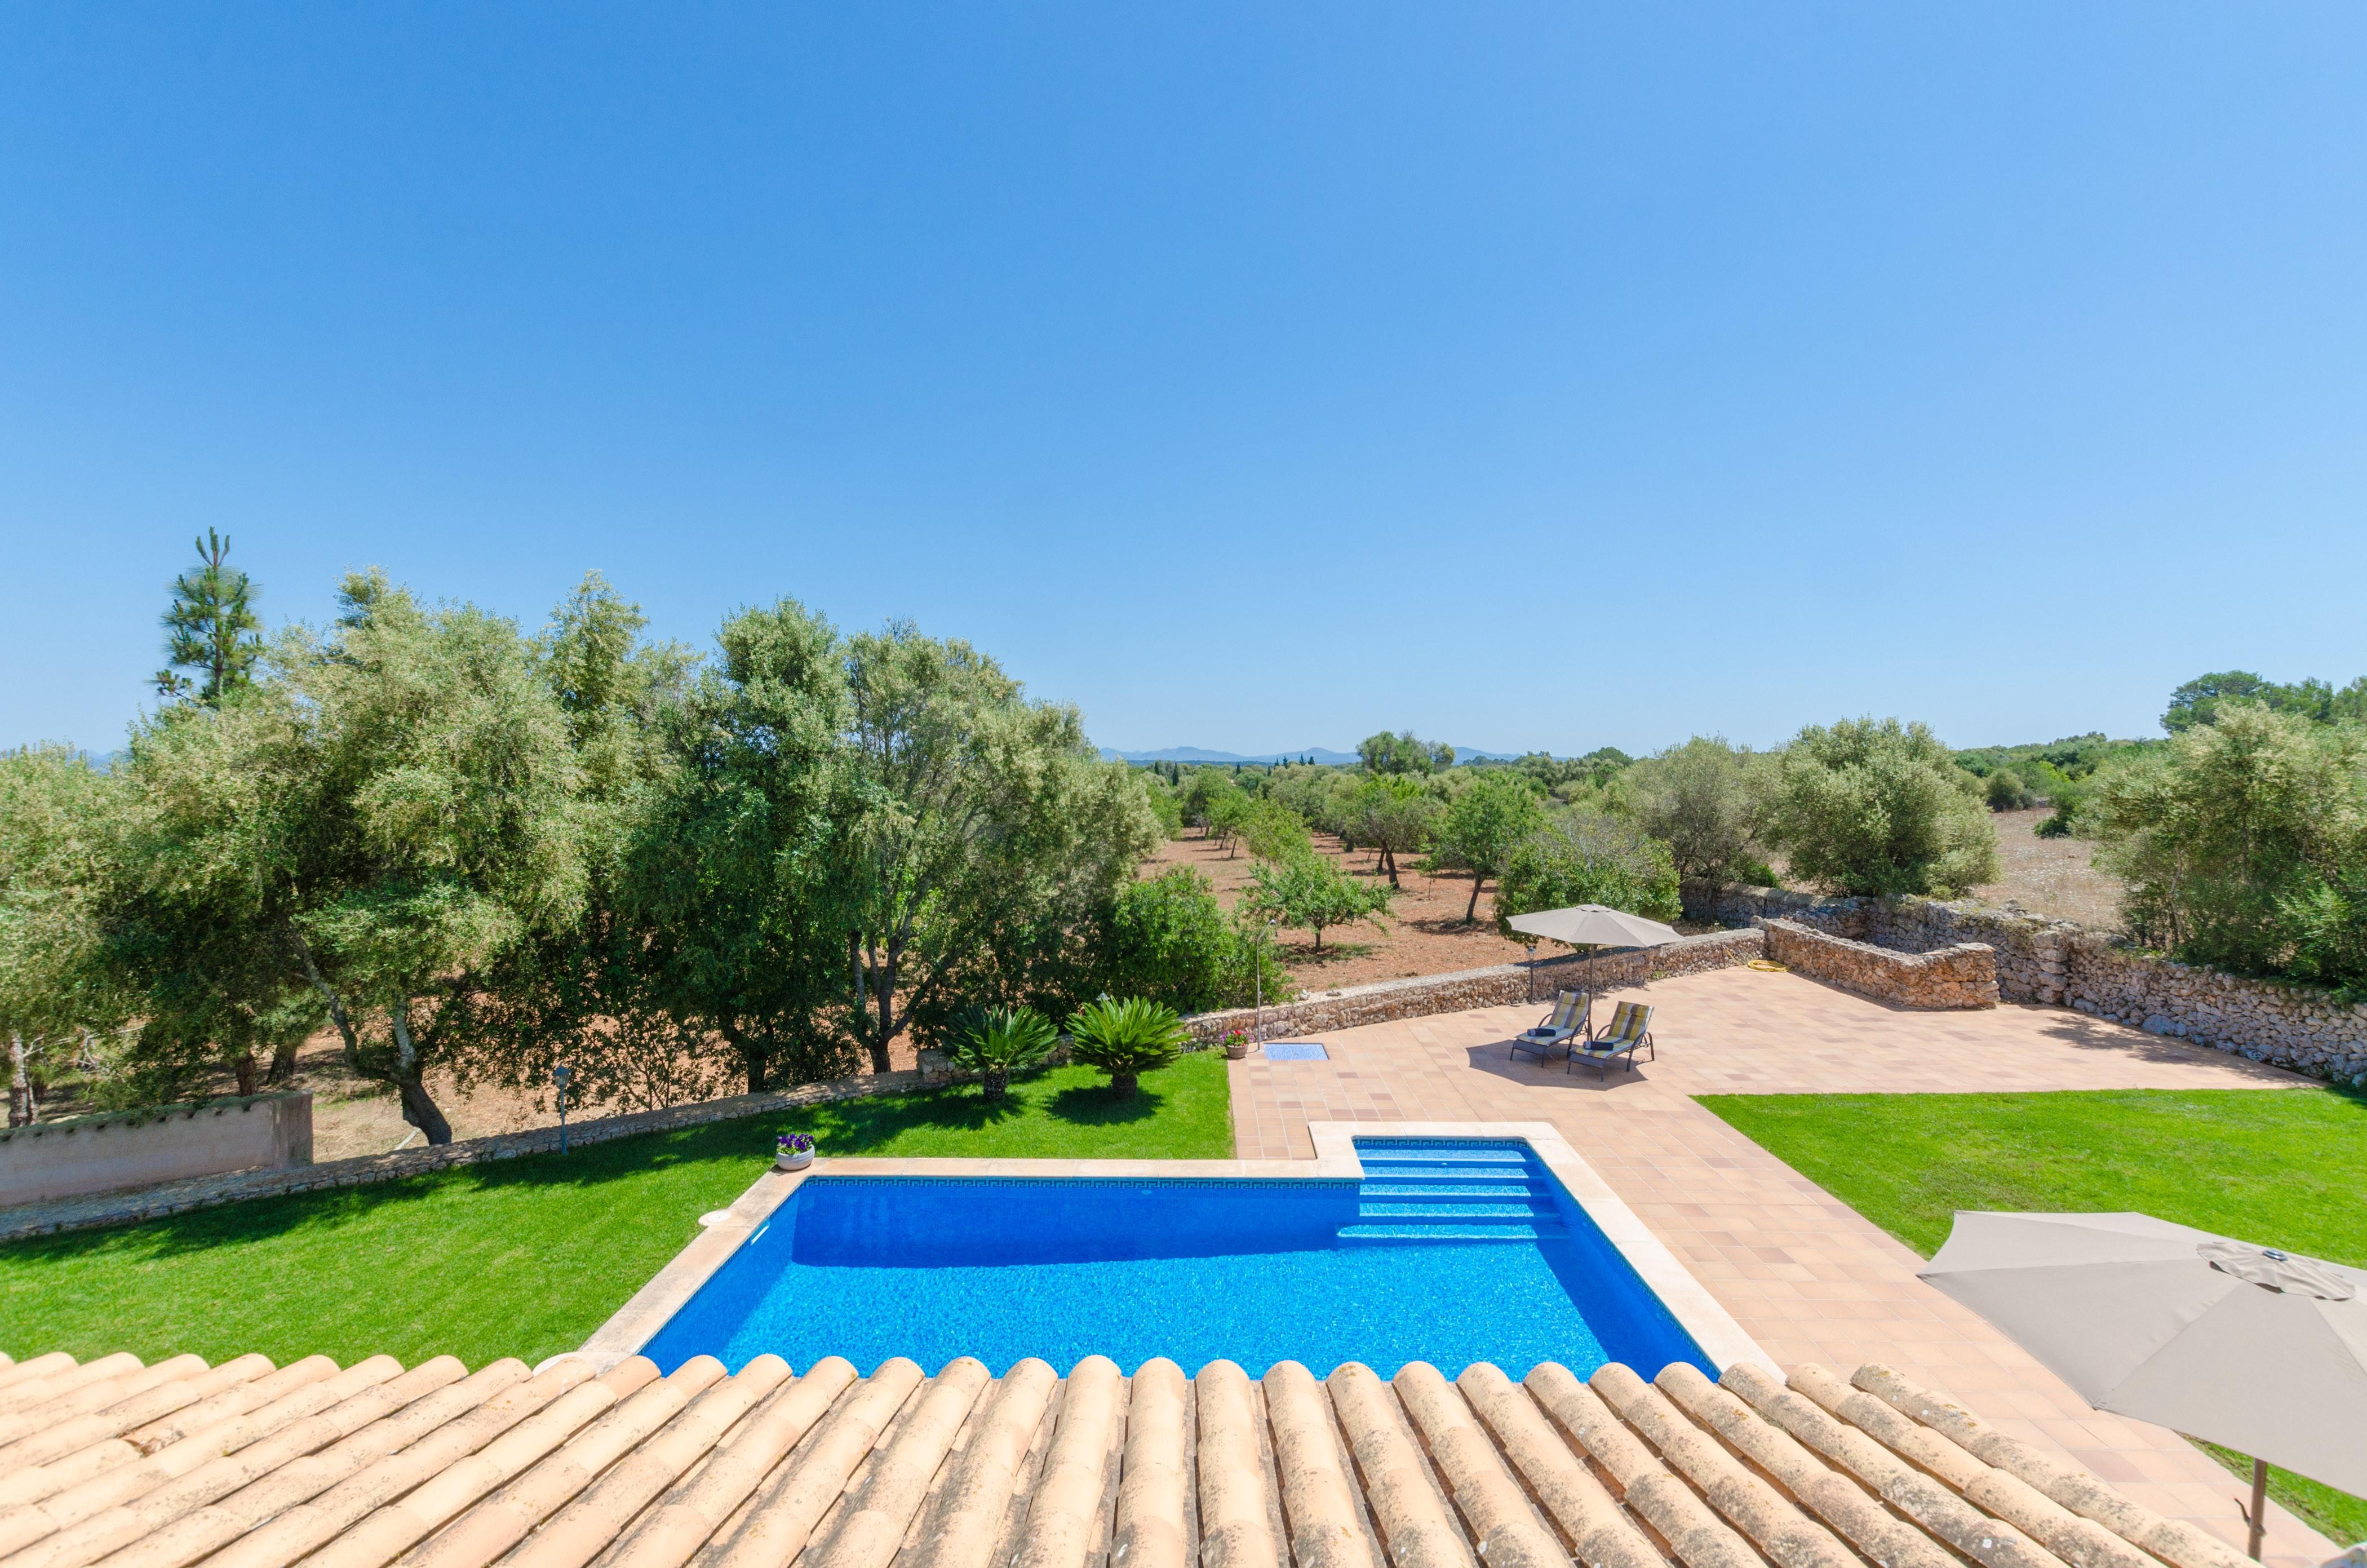 Maison de vacances ES VEDAT (2632993), Lloret de Vistalegre, Majorque, Iles Baléares, Espagne, image 40